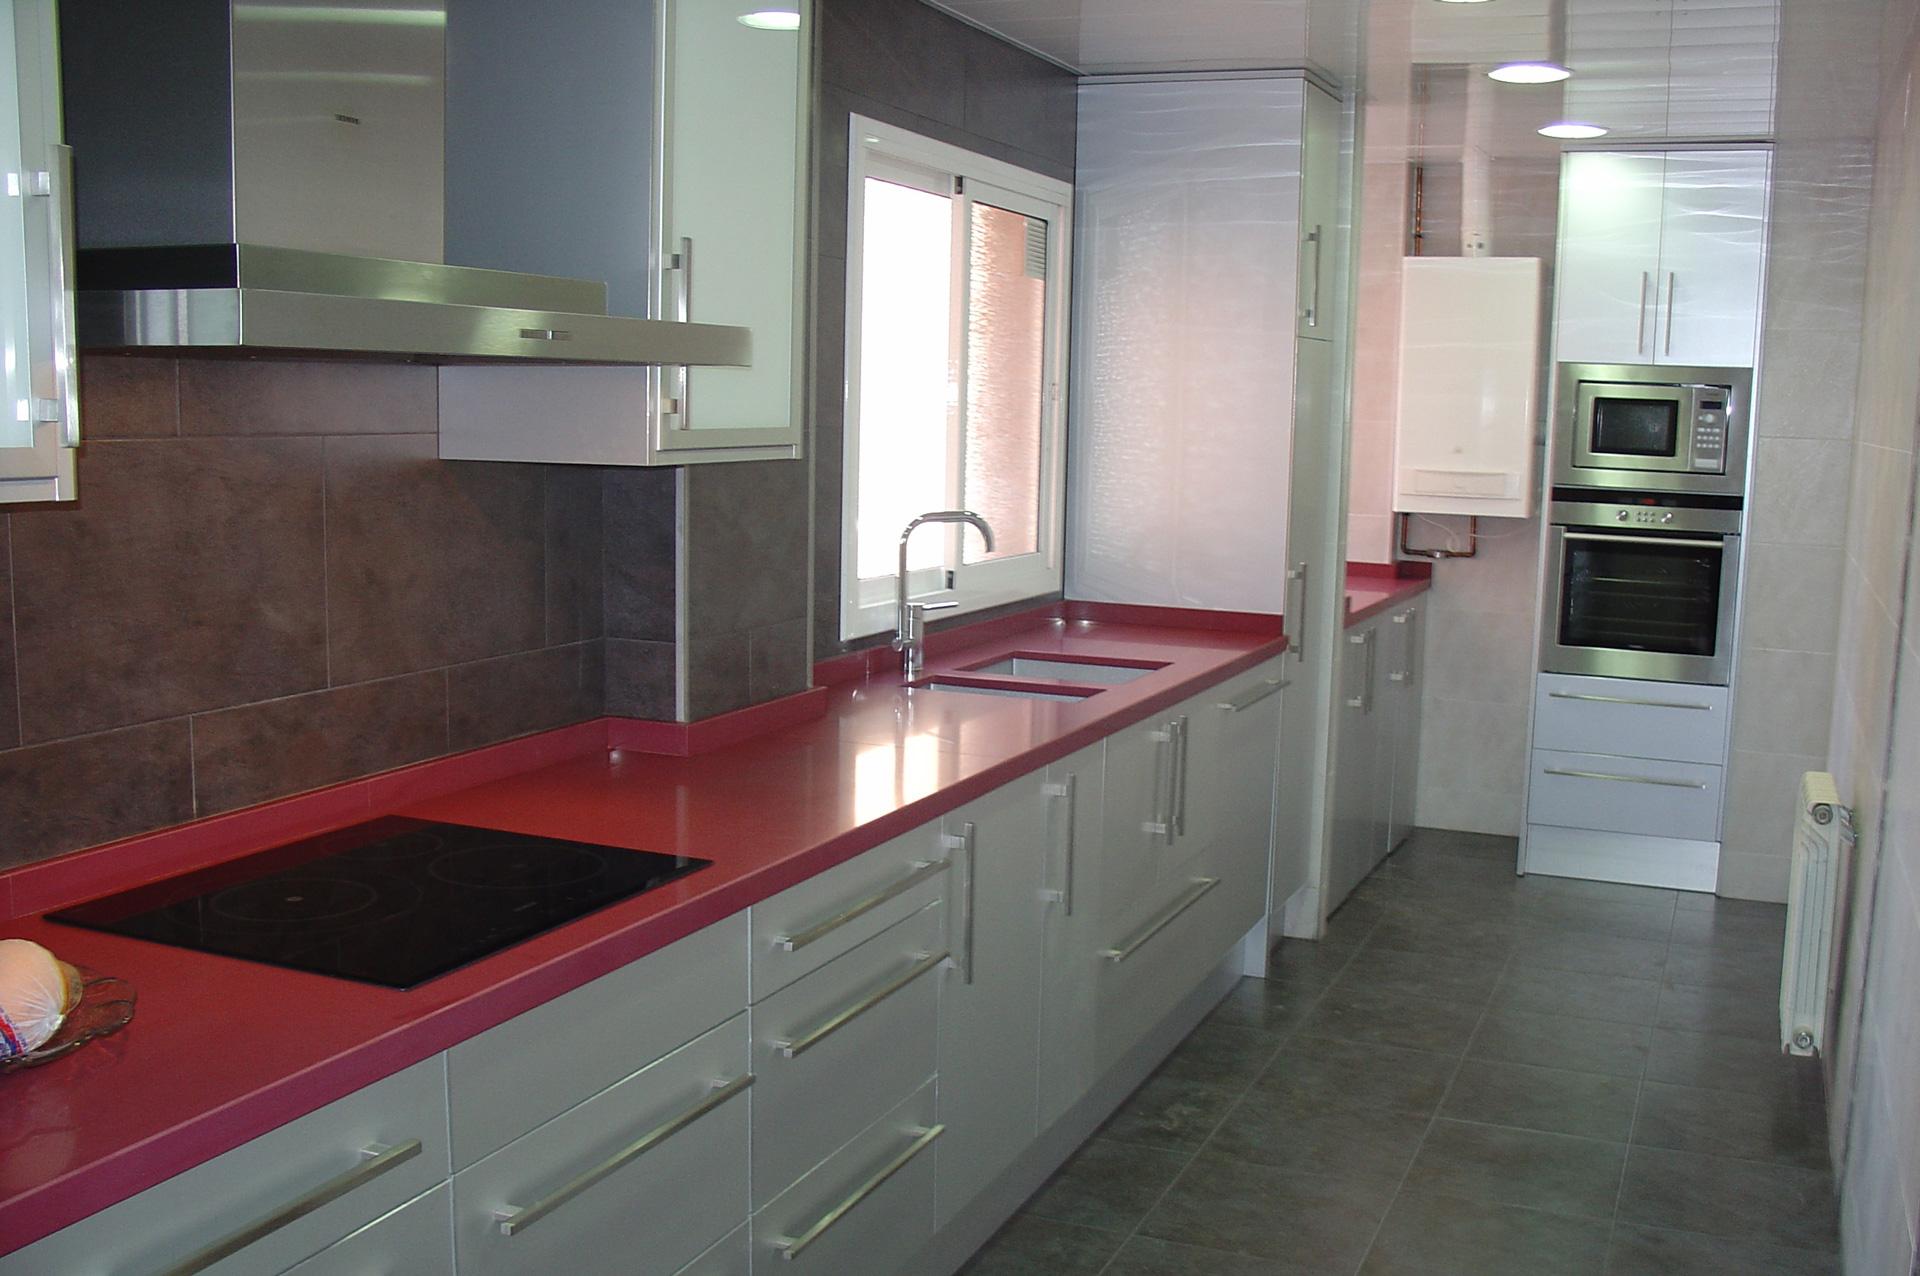 zerkania-cocina-41